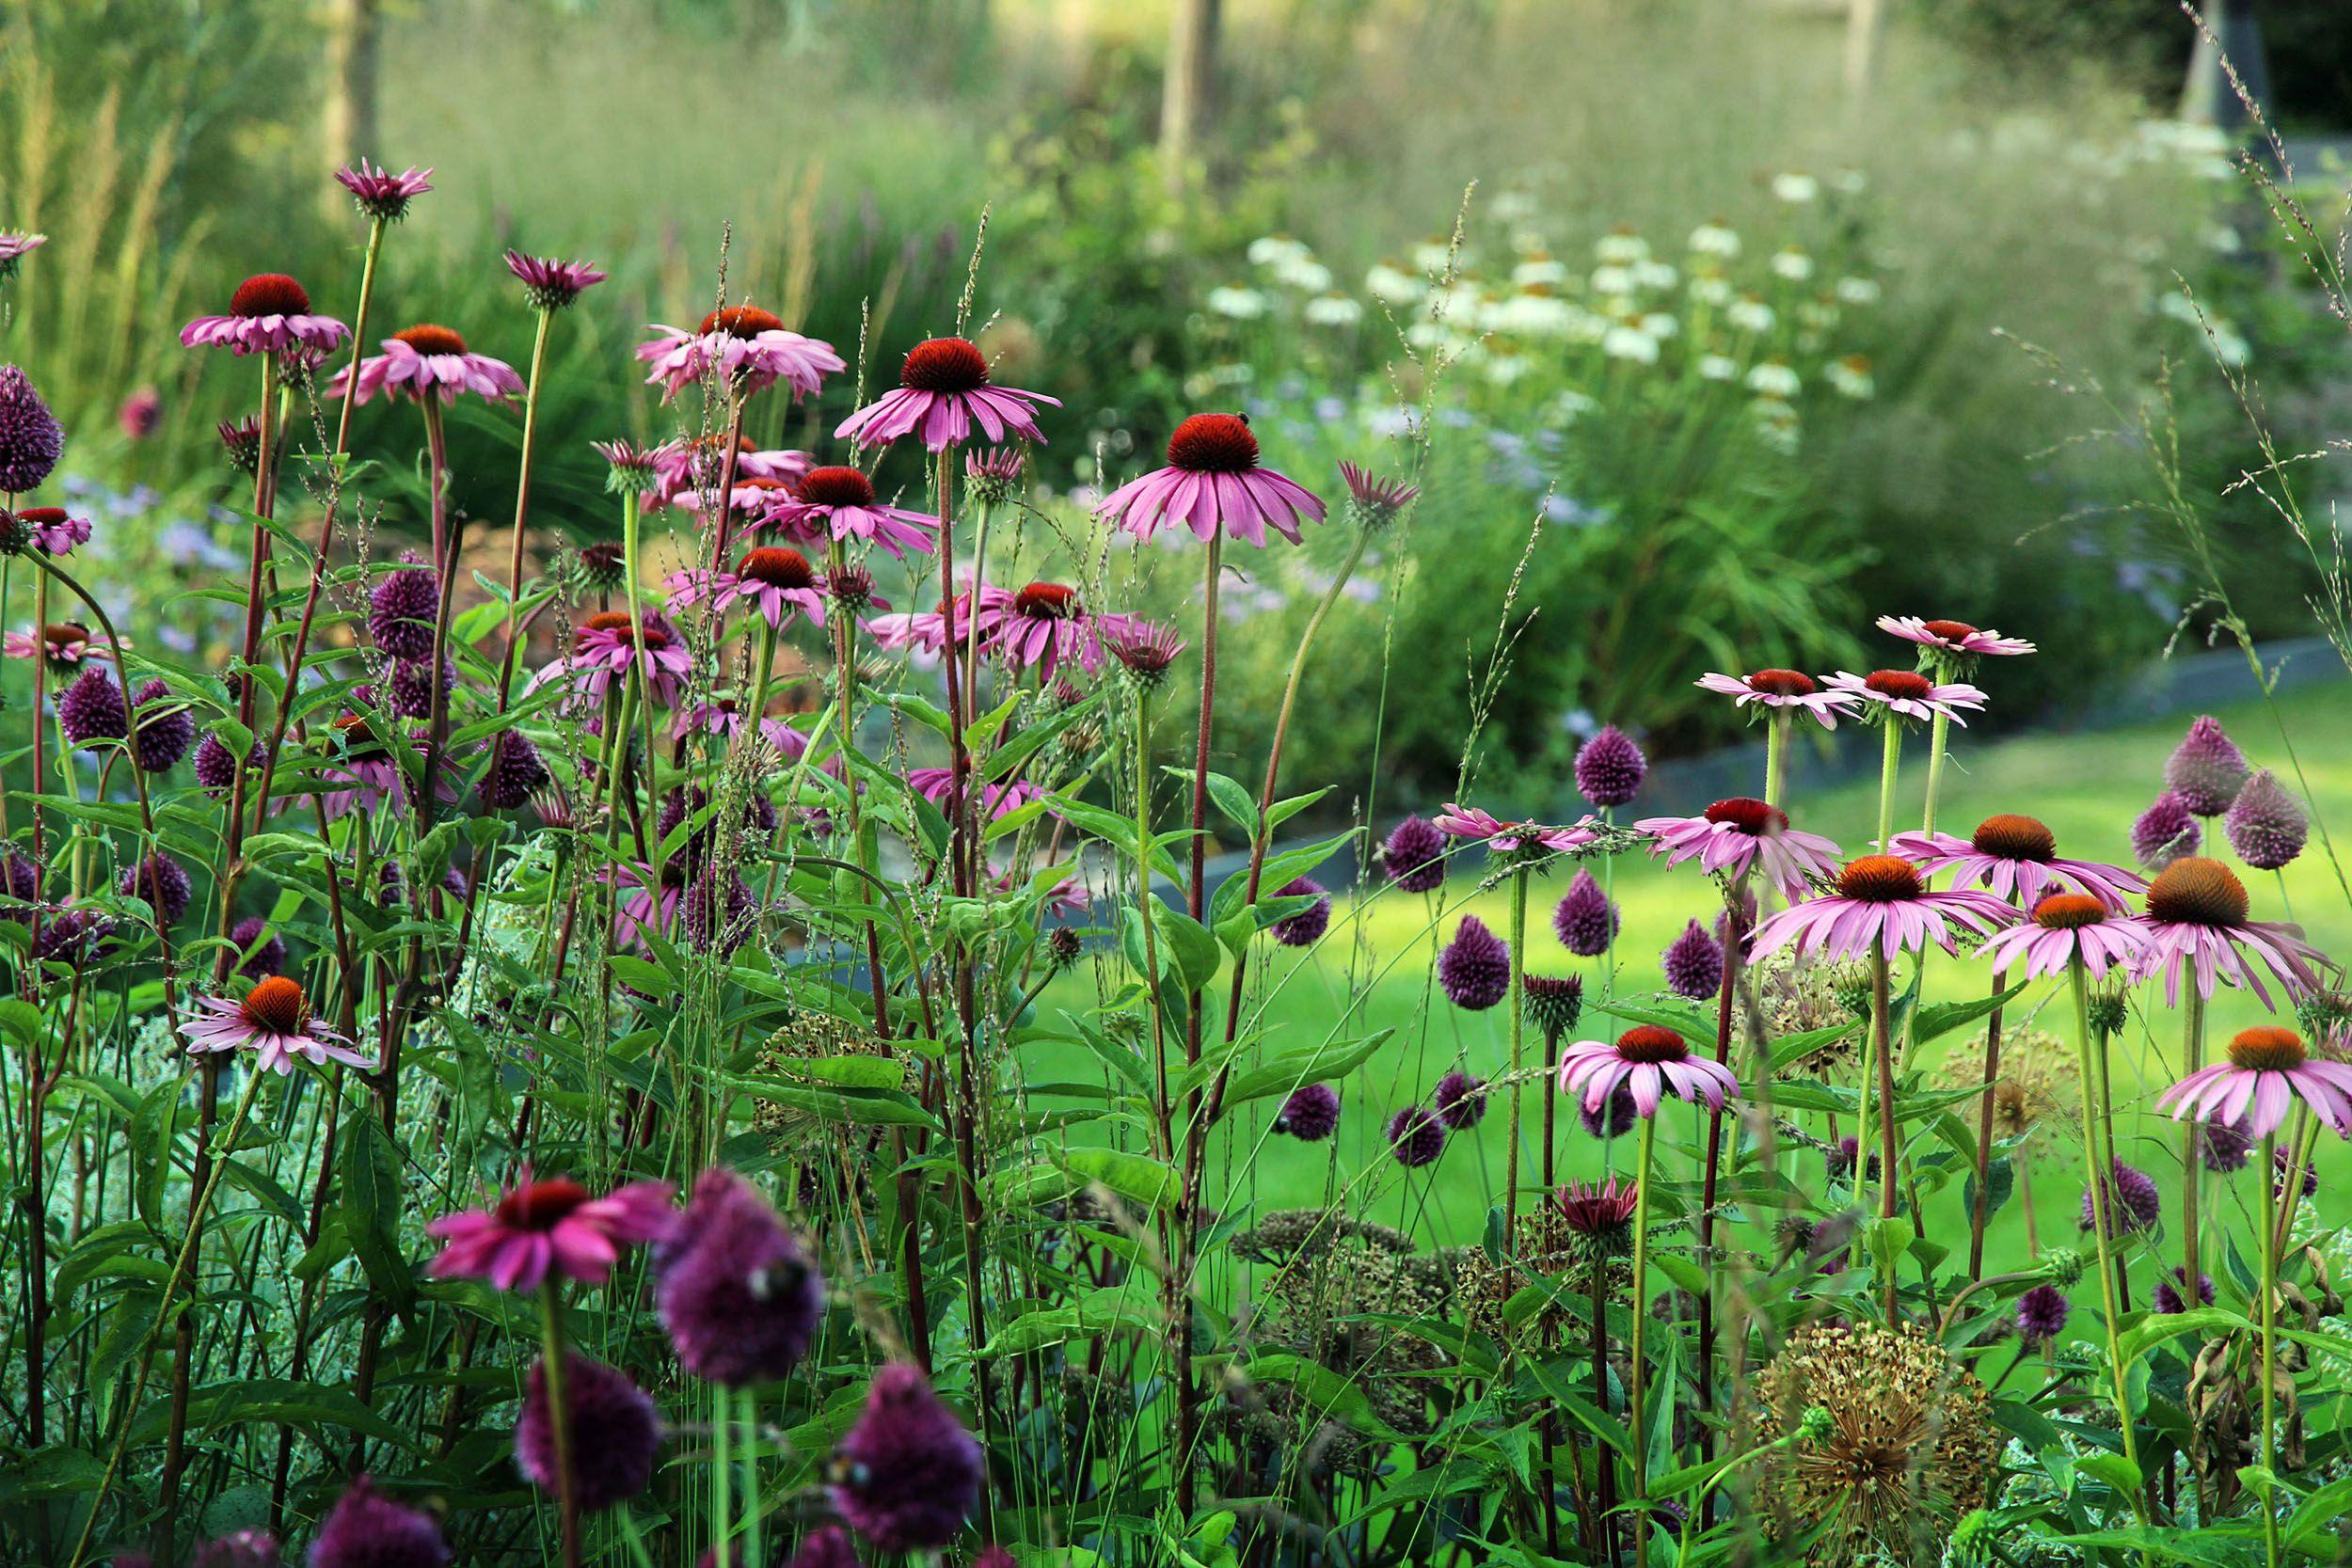 Vaste Planten Tuin : Landelijke tuin met rijk bloeiende border van vaste planten en